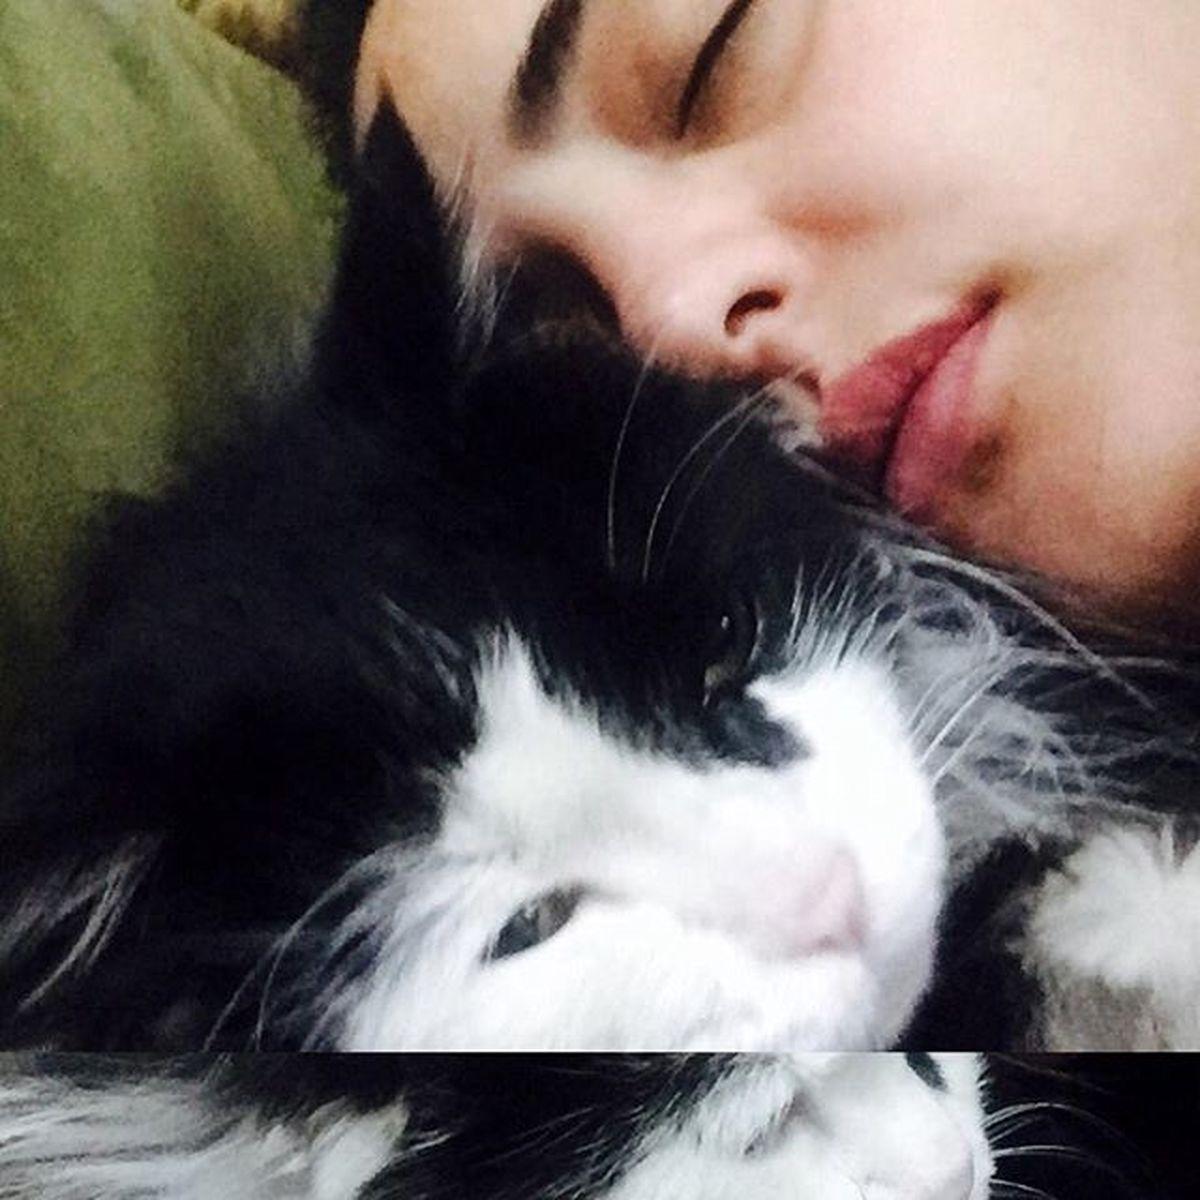 نرگس محمدی و حیوان خانگی اش در رختخواب ! +عکس